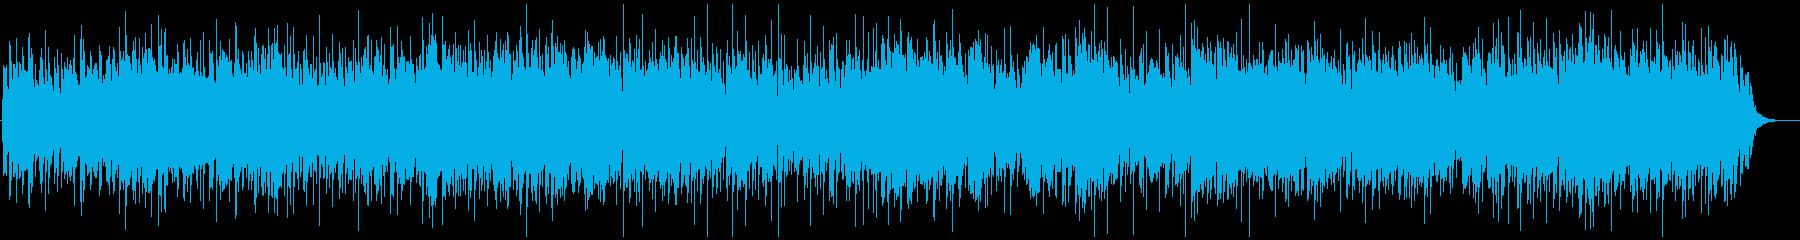 マイナーなモダンカントリーBGMの再生済みの波形